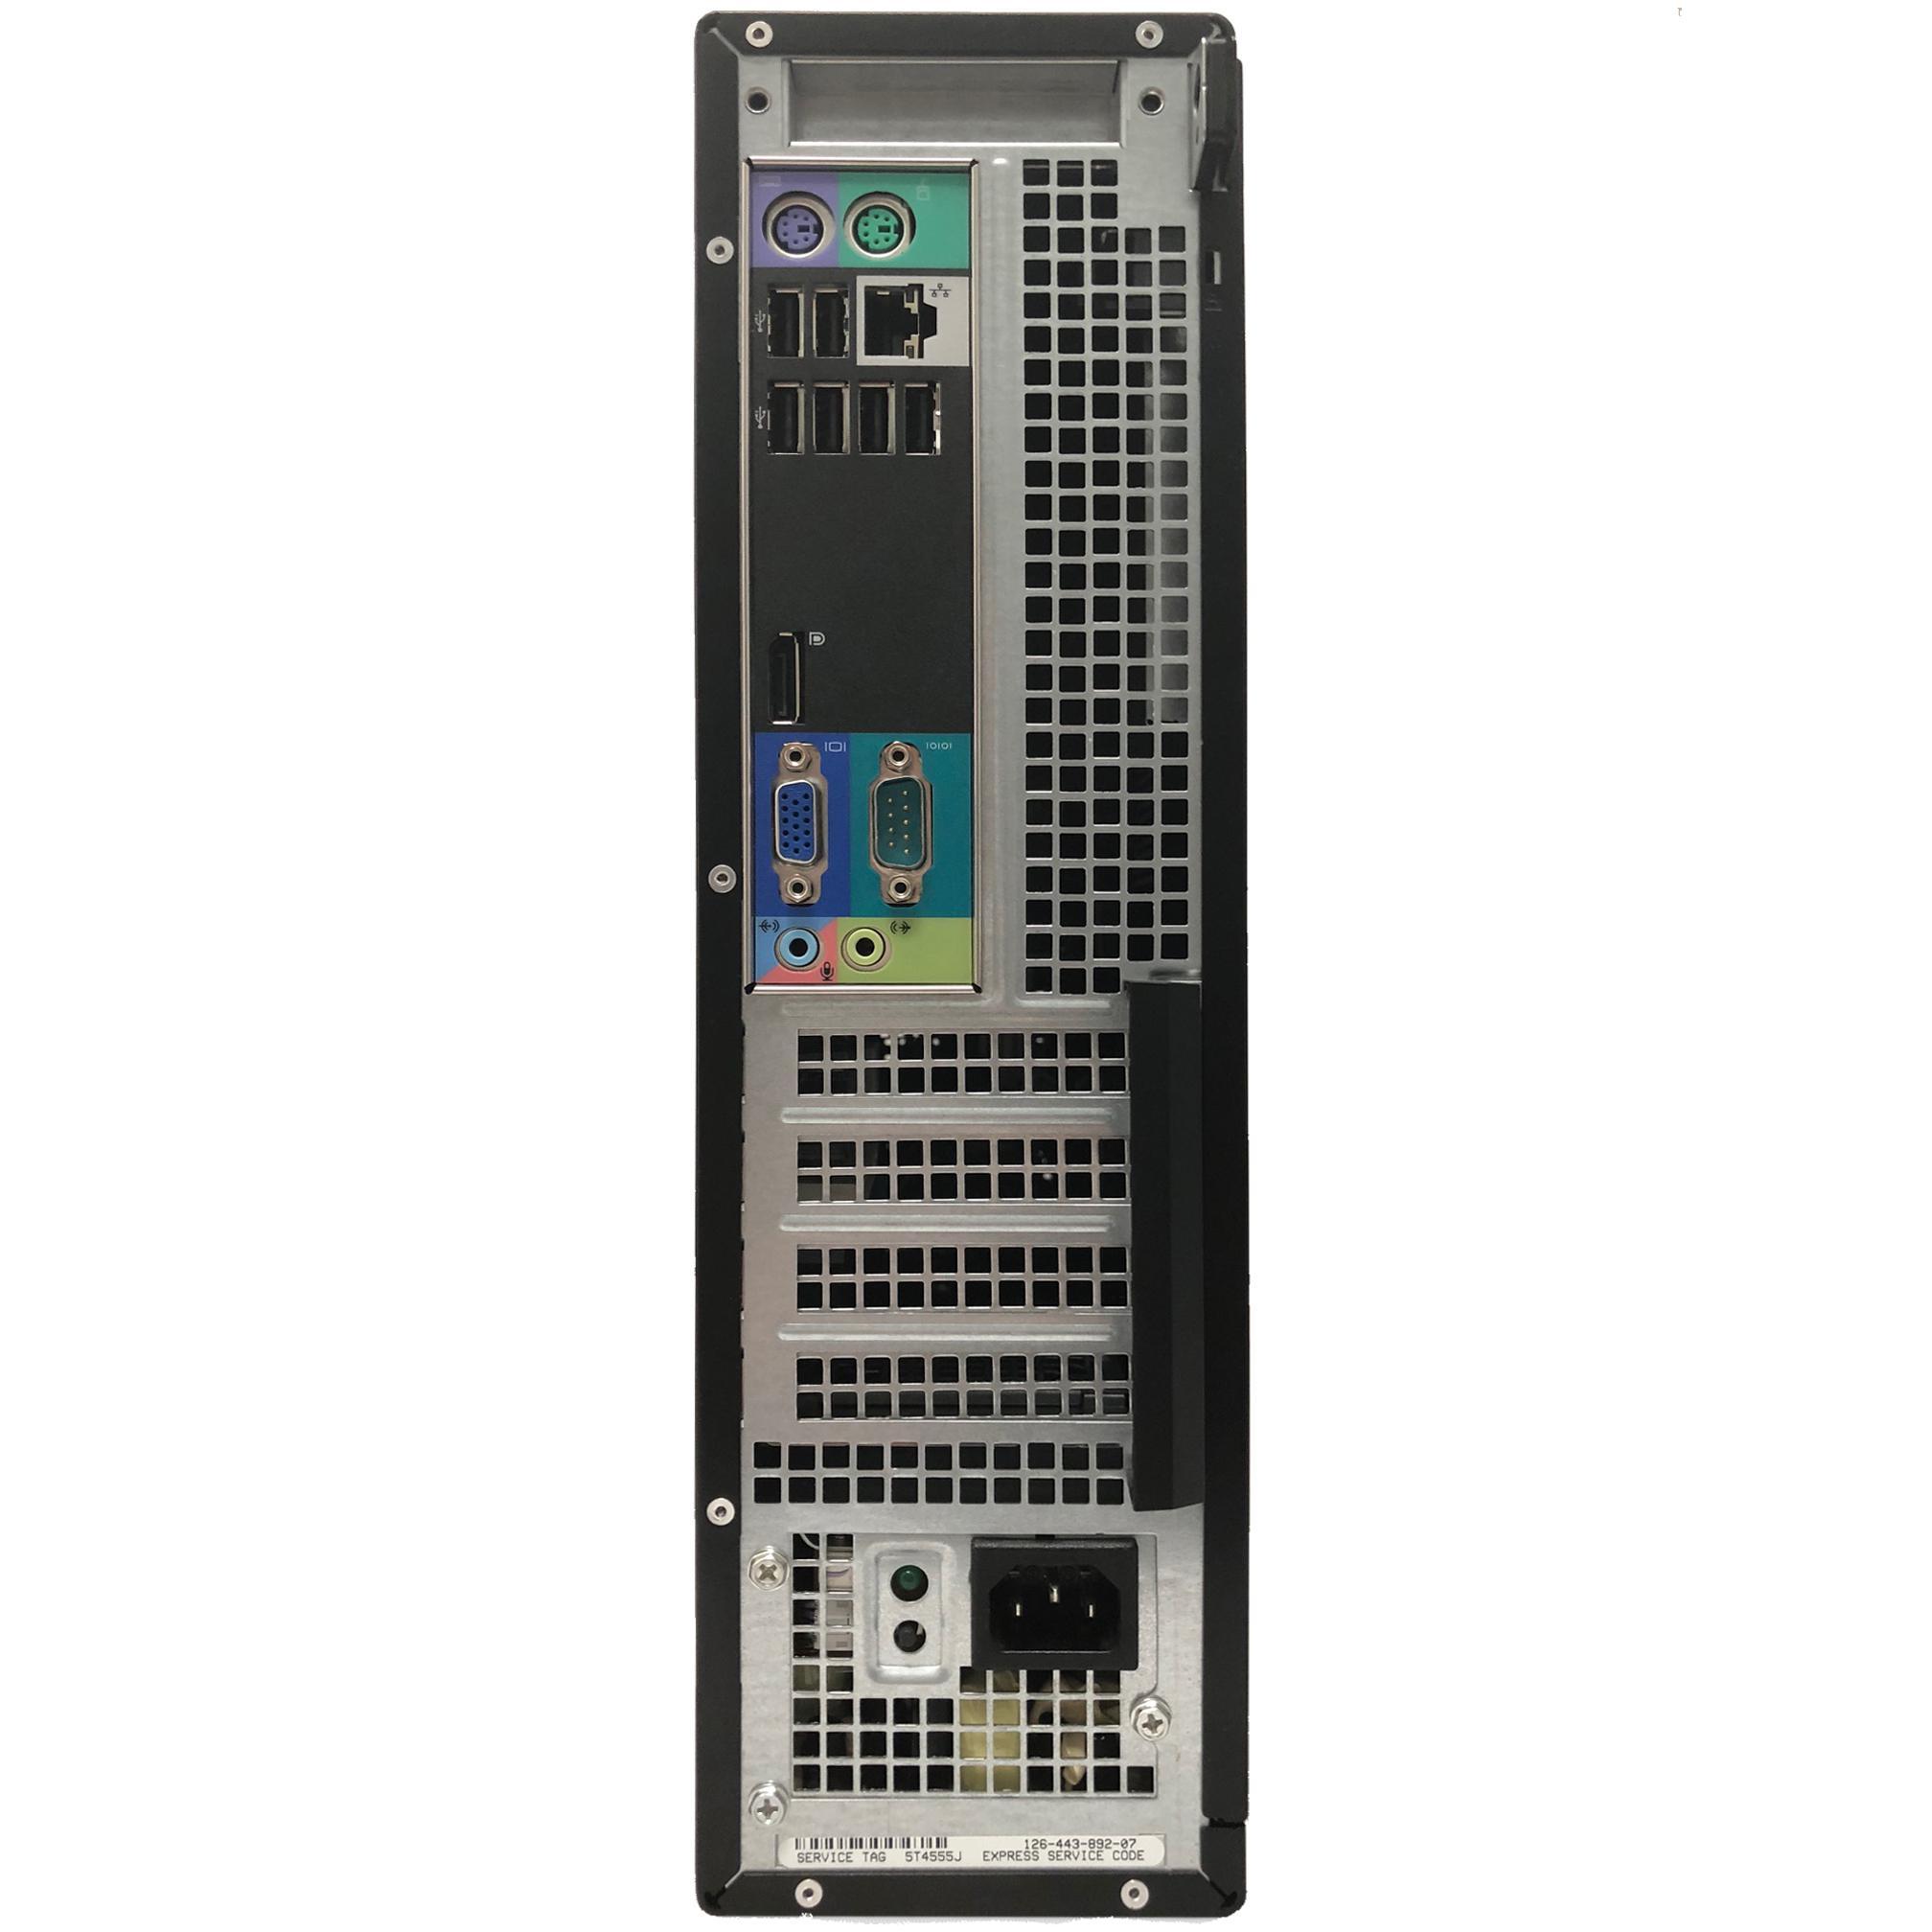 Dell Optiplex 790 SFF Core i3 3,1 GHz - HDD 250 Go RAM 4 Go